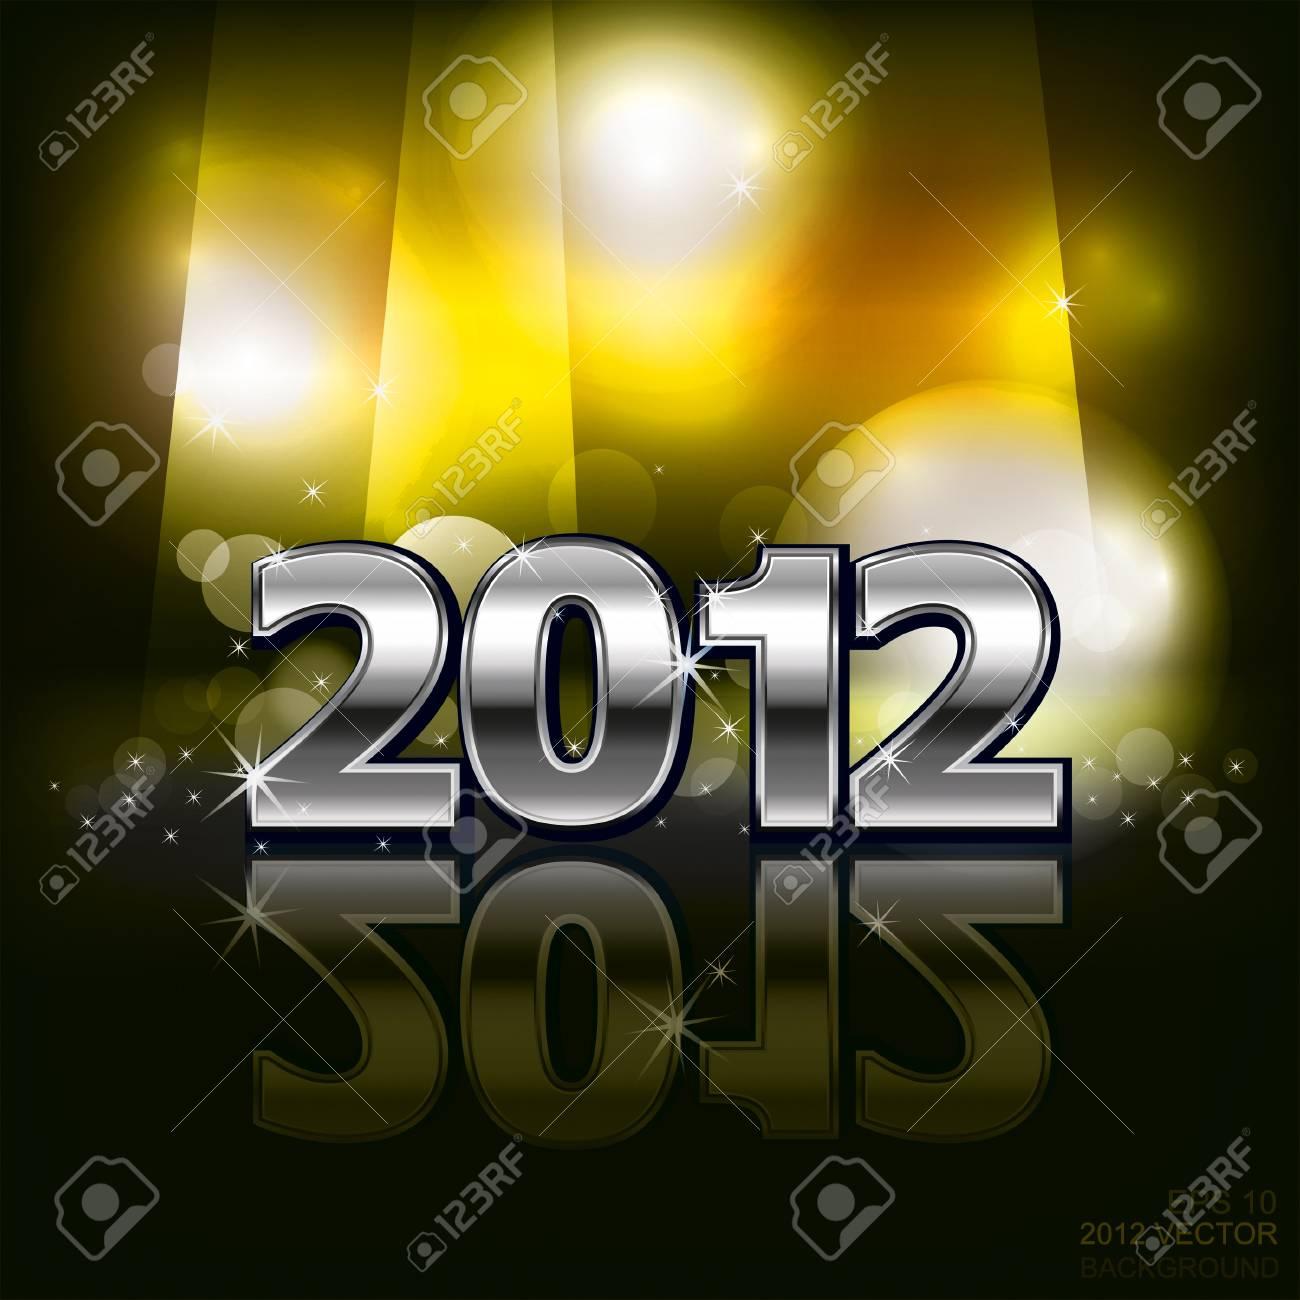 2012 in dark background. Vector Stock Vector - 11813595